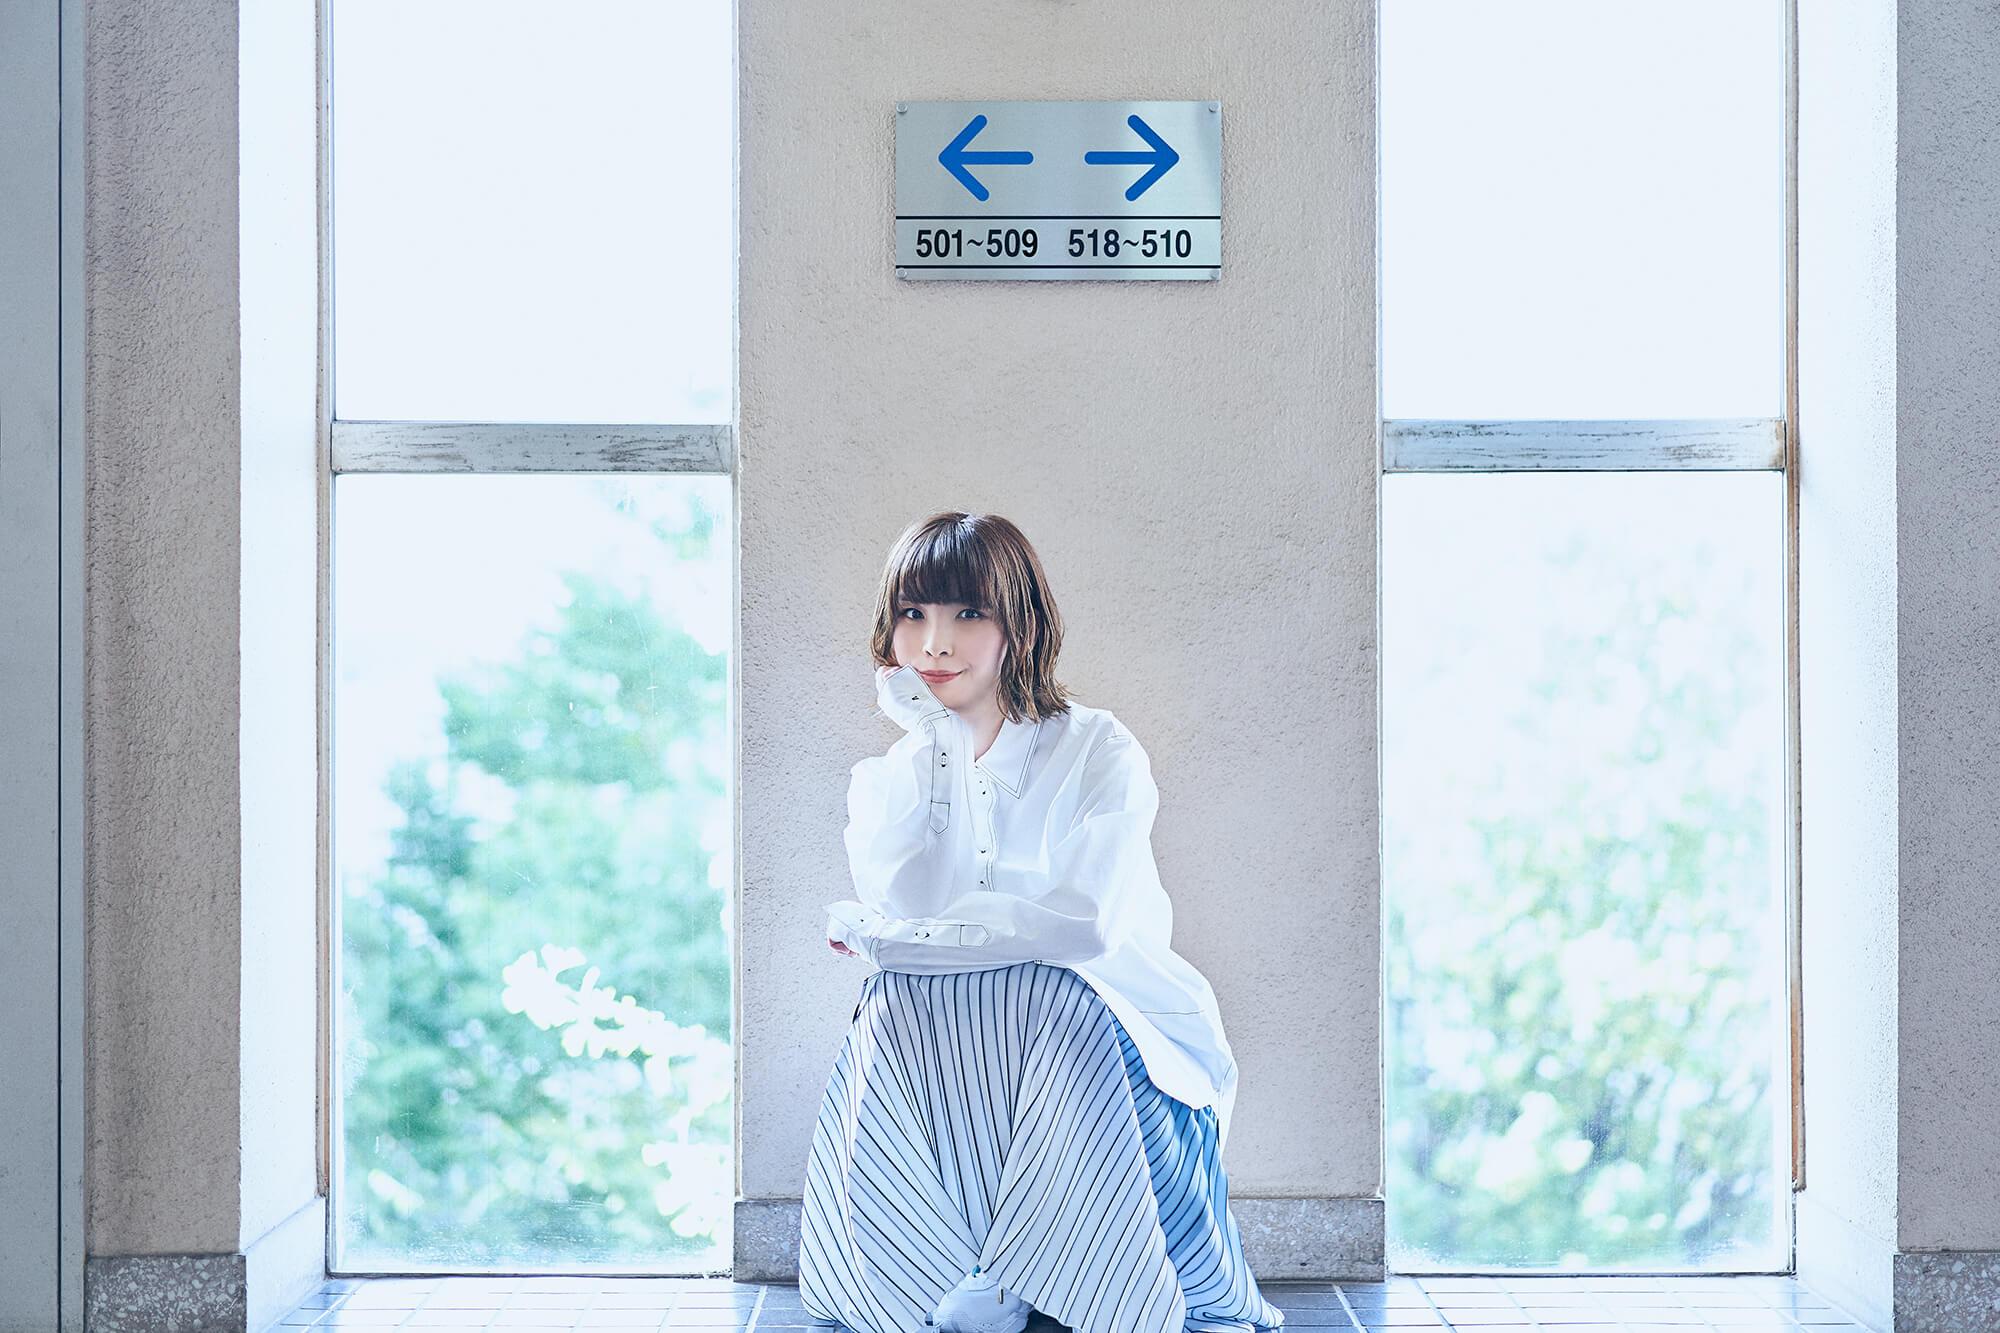 蒼山幸子(ex.ねごと)、ツアー会場にて限定販売されたEP『まぼろし』の通信販売が決定